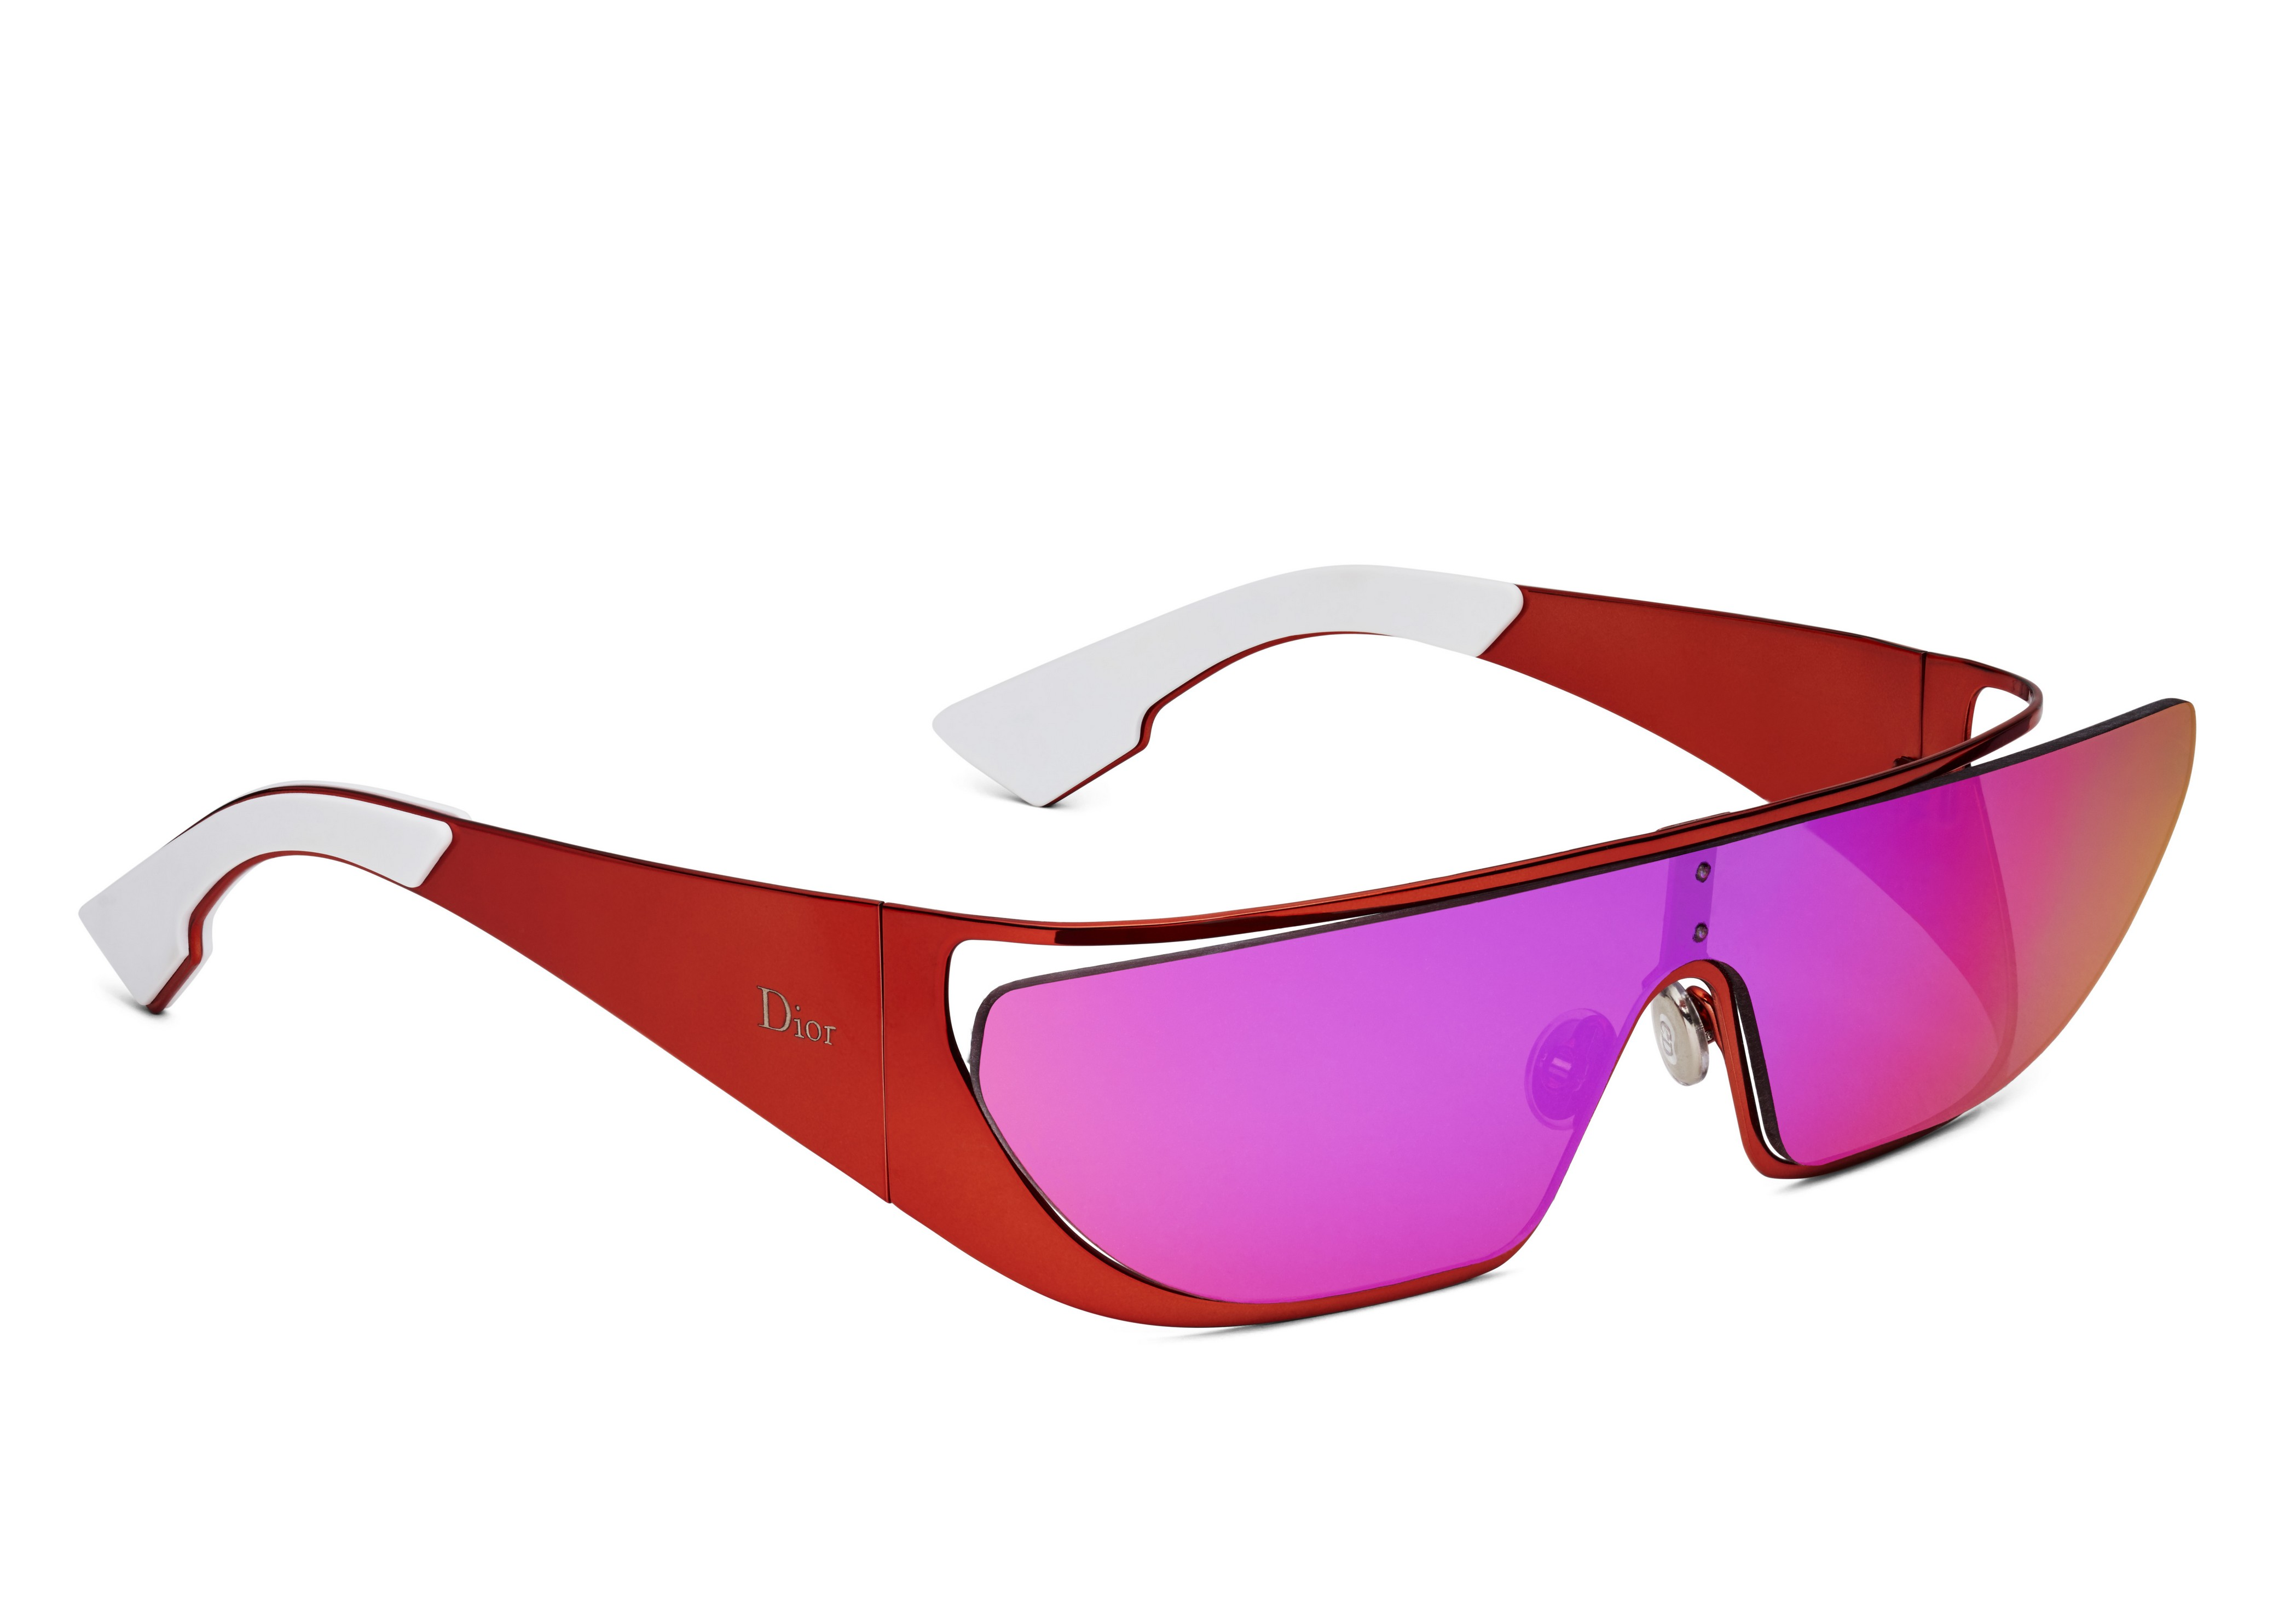 Le foto degli occhiali da sole Dior disegnati Rihanna